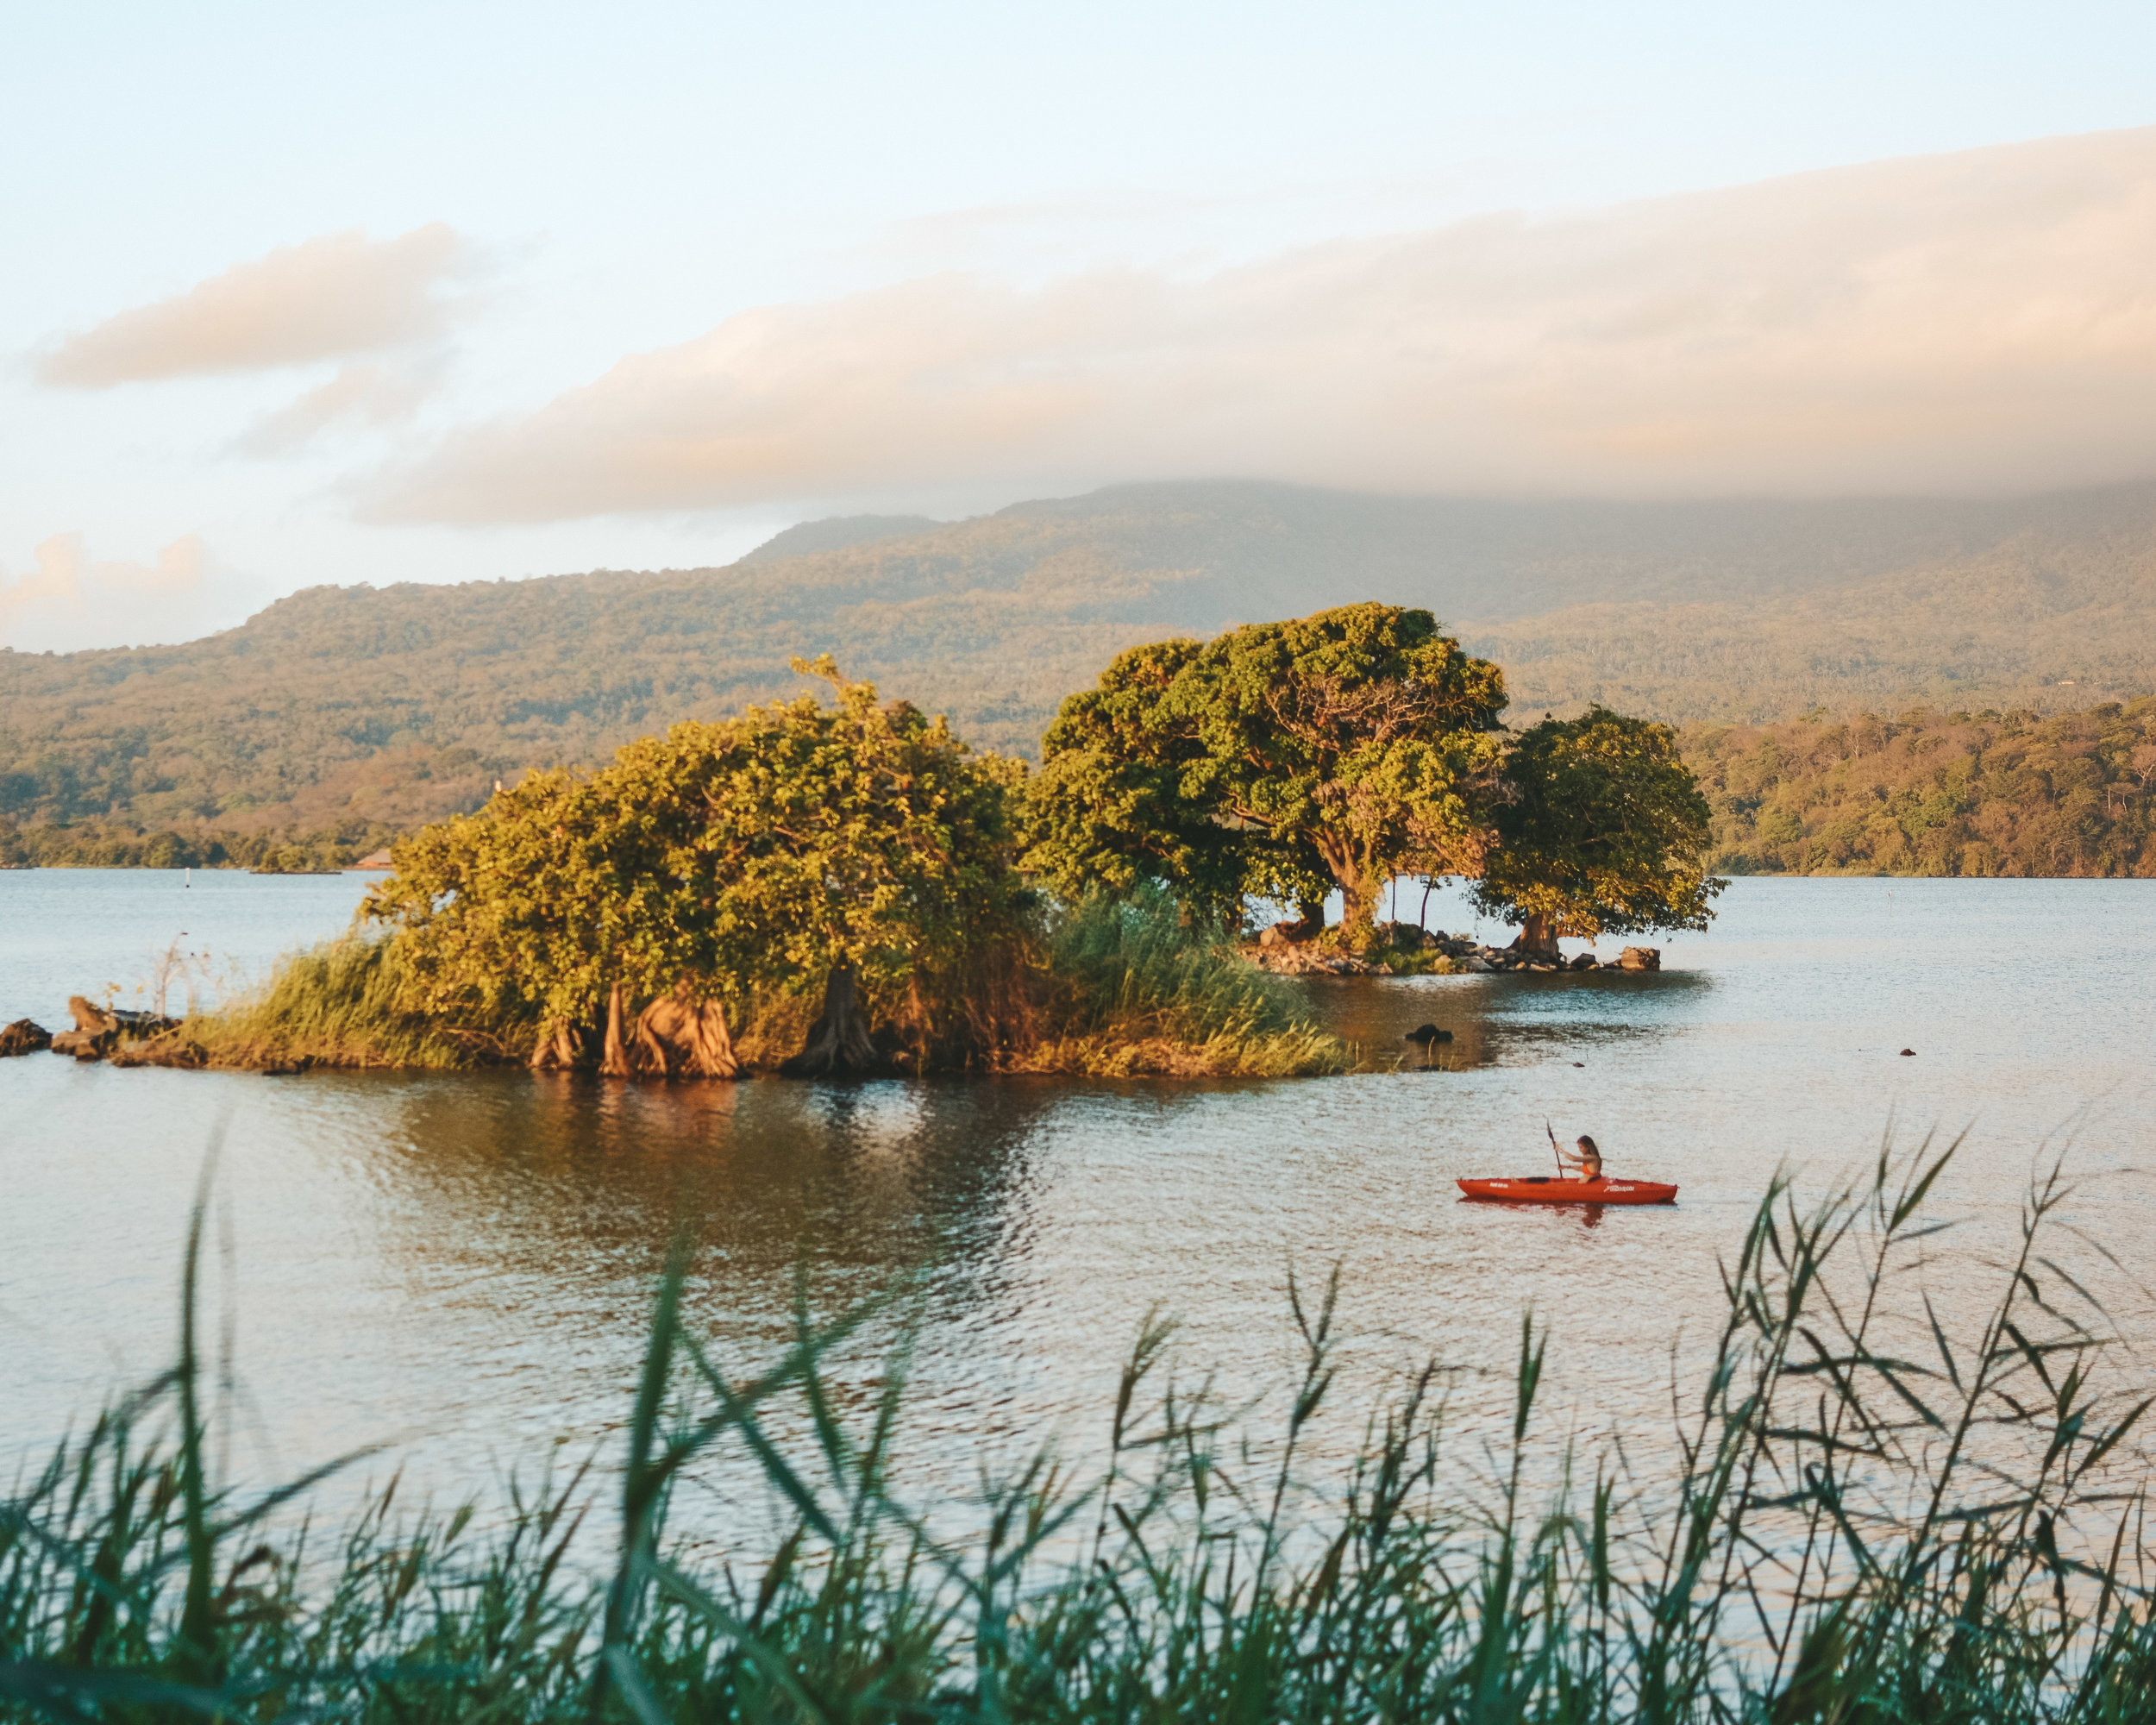 Morning kayaks on Lake Nicaragua